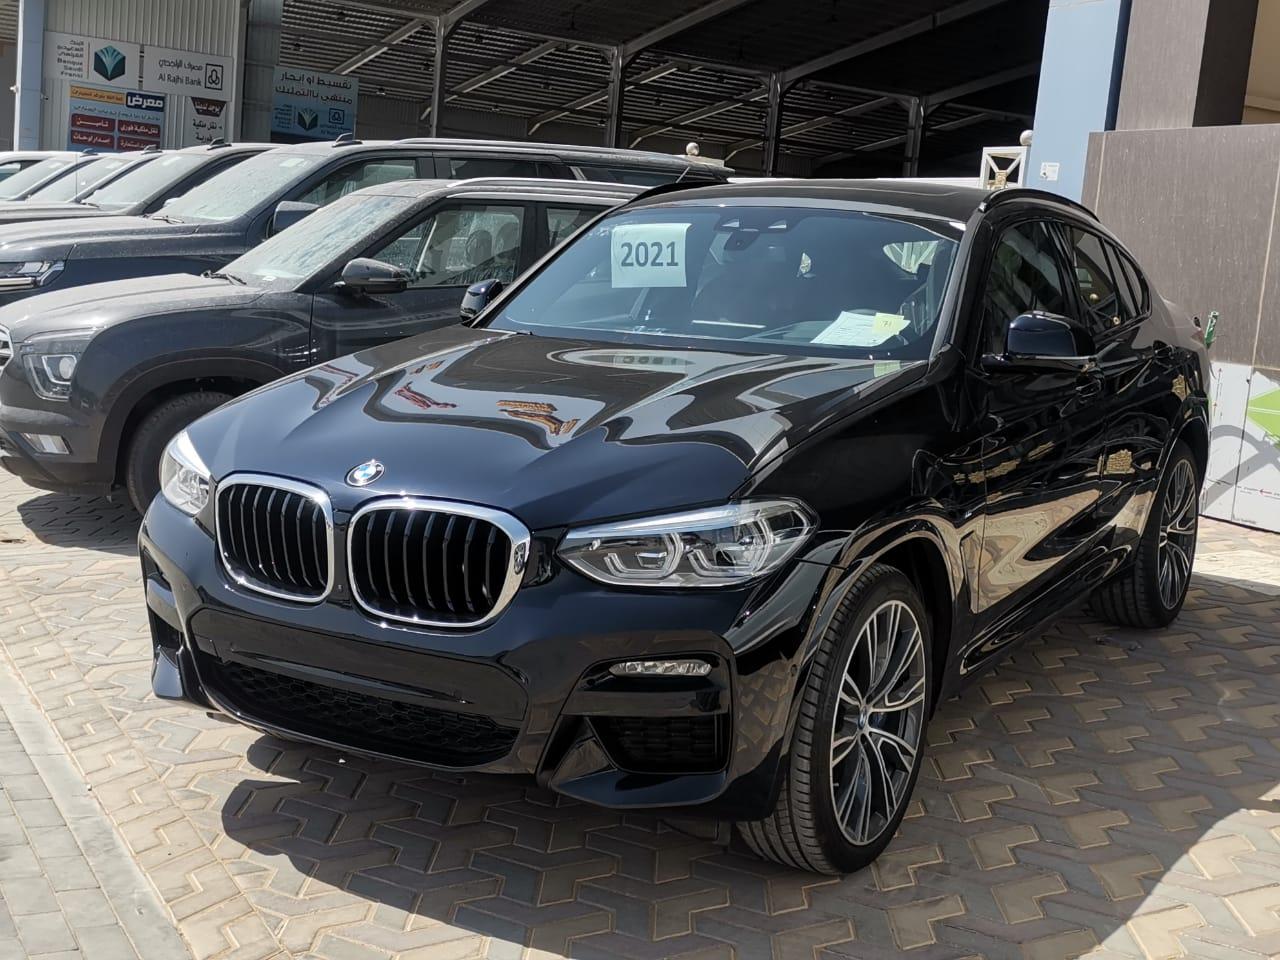 BMW الفئة X 4 xDrive 30i 2021 فل خليجي للبيع في الرياض - السعودية - صورة كبيرة - 1